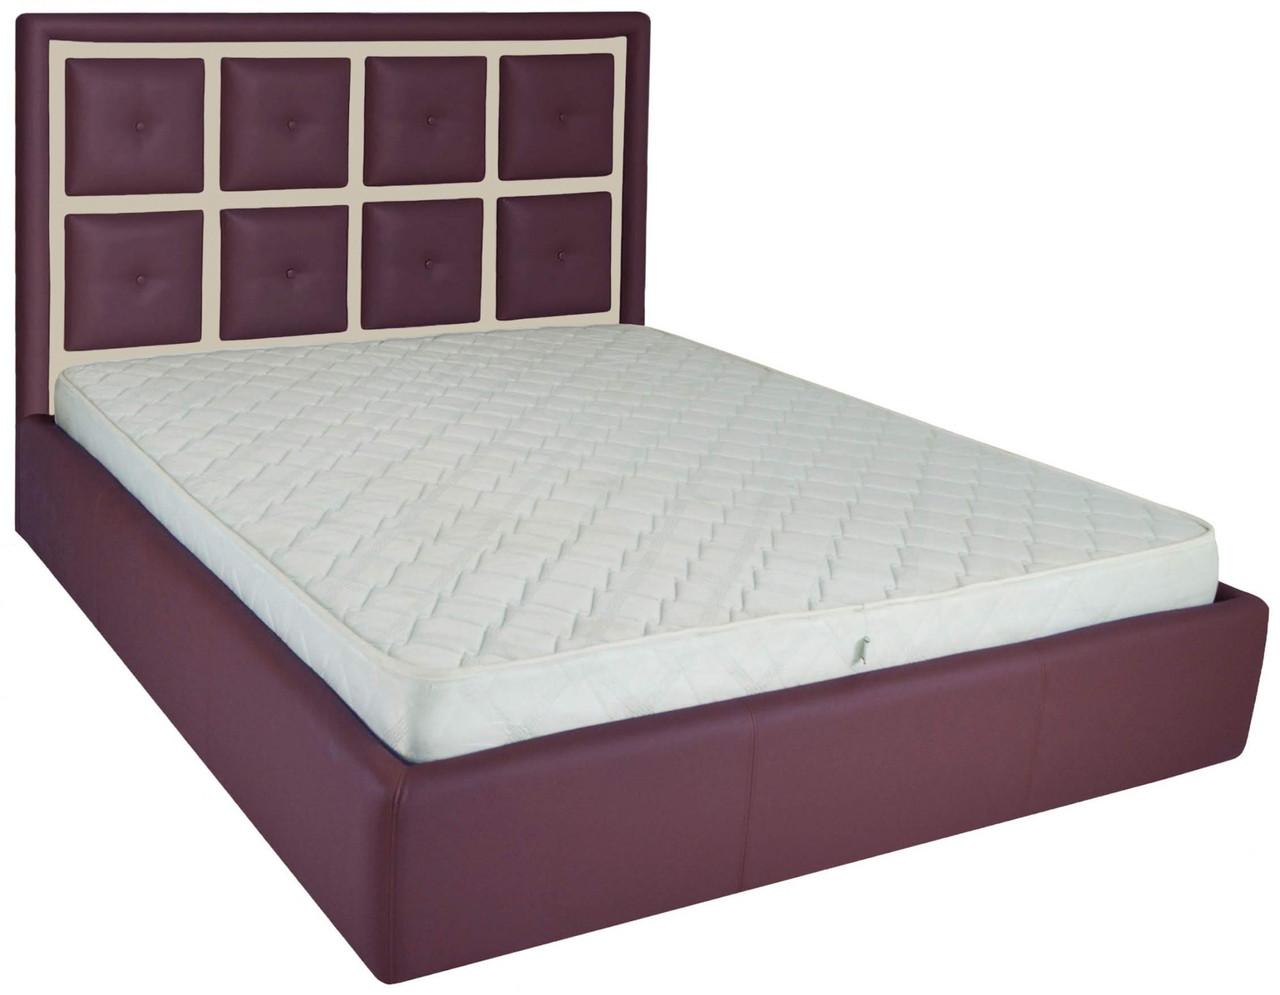 Кровать Двуспальная Windsor VIP 180 х 200 см Fly 2216/2207 С дополнительной металлической цельносварной рамой